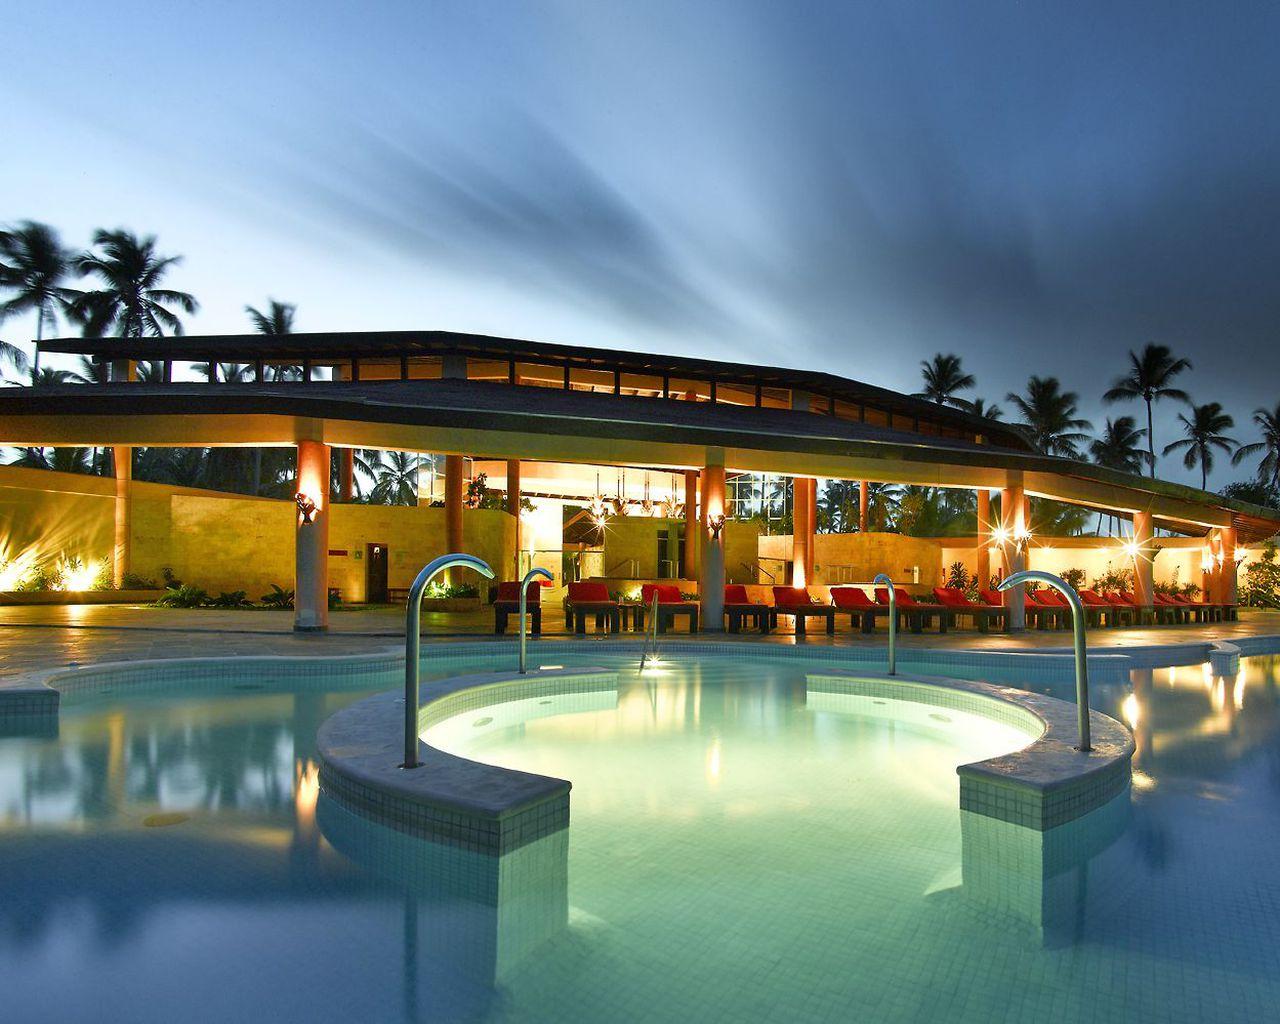 Punta cana hoteles 5 estrellas desde 756 - Hotel salamanca 5 estrellas ...